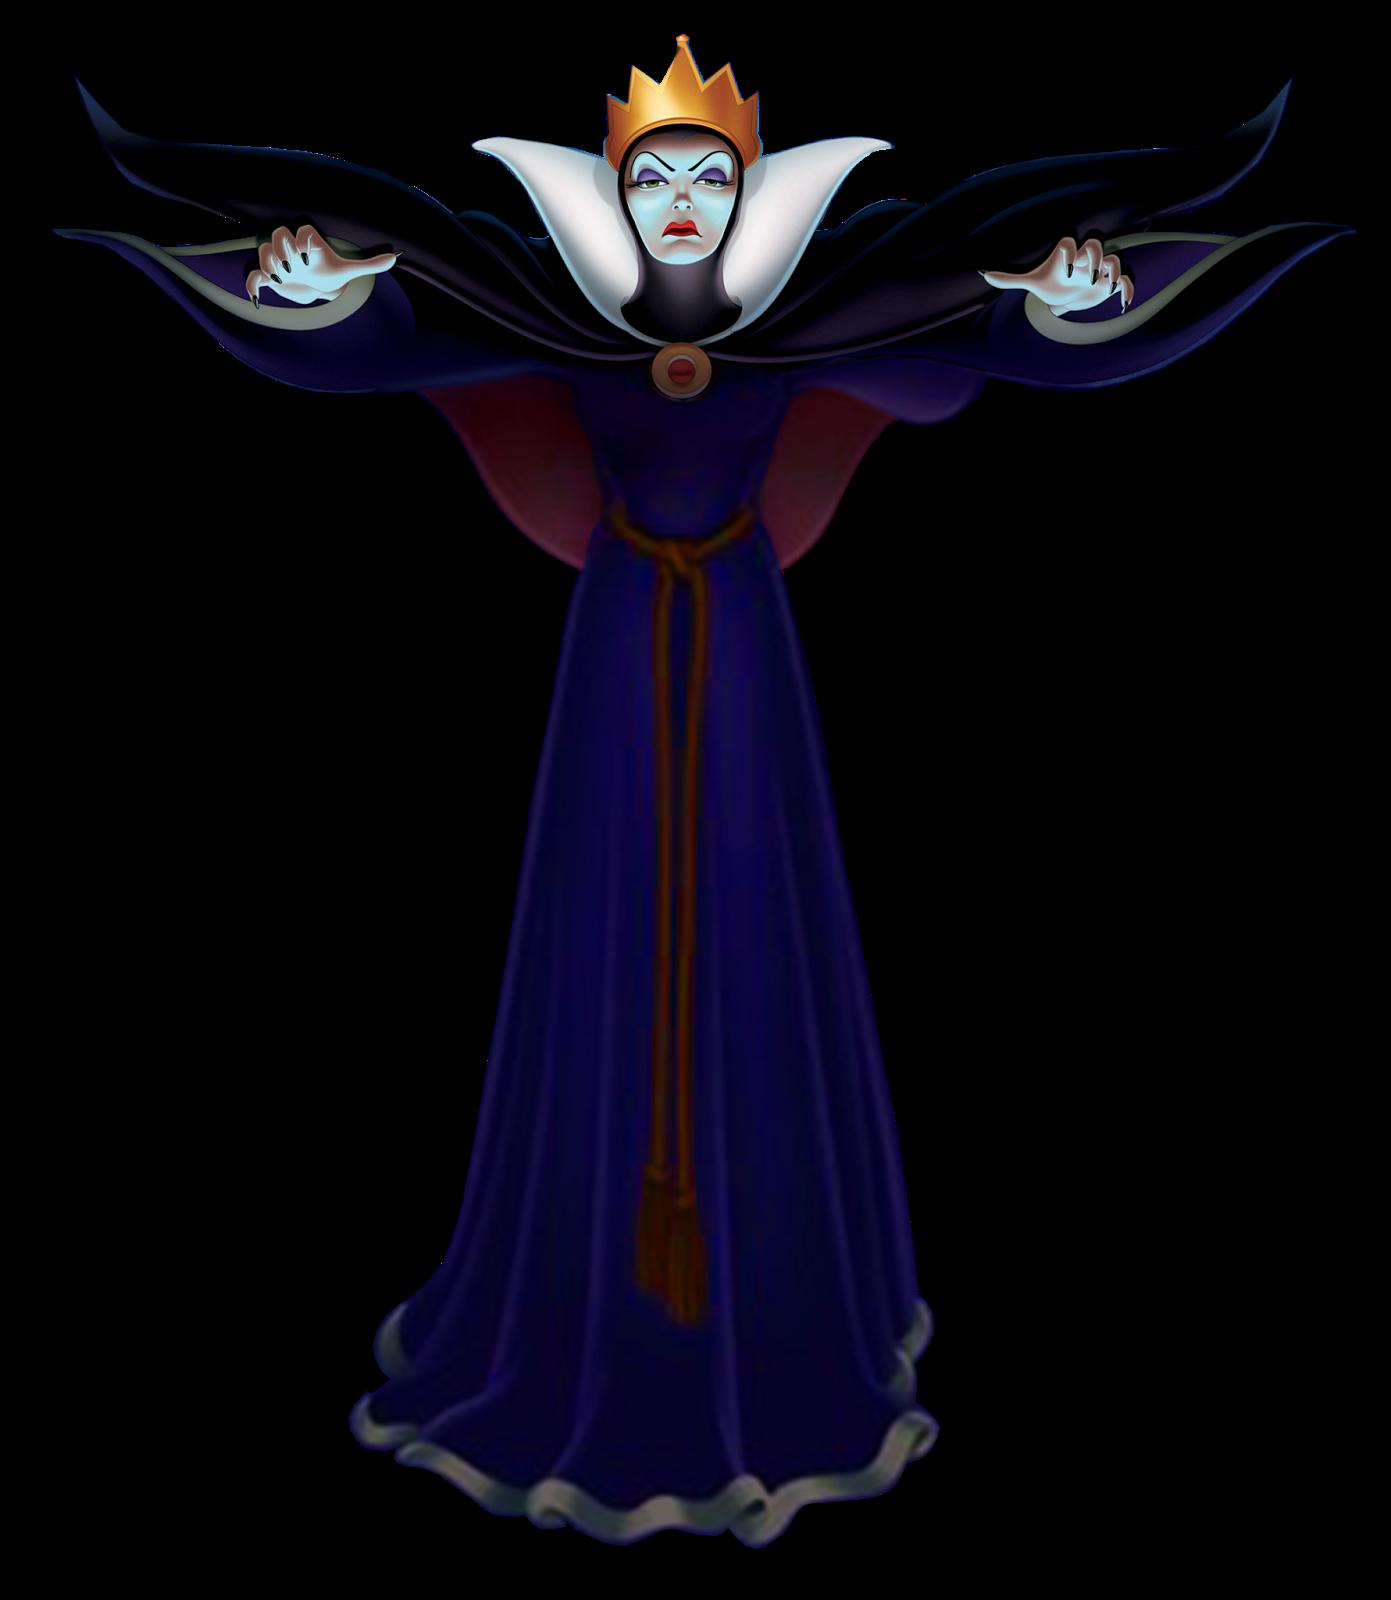 Evil Queen Maleficent Snow White Seven Dwarfs.